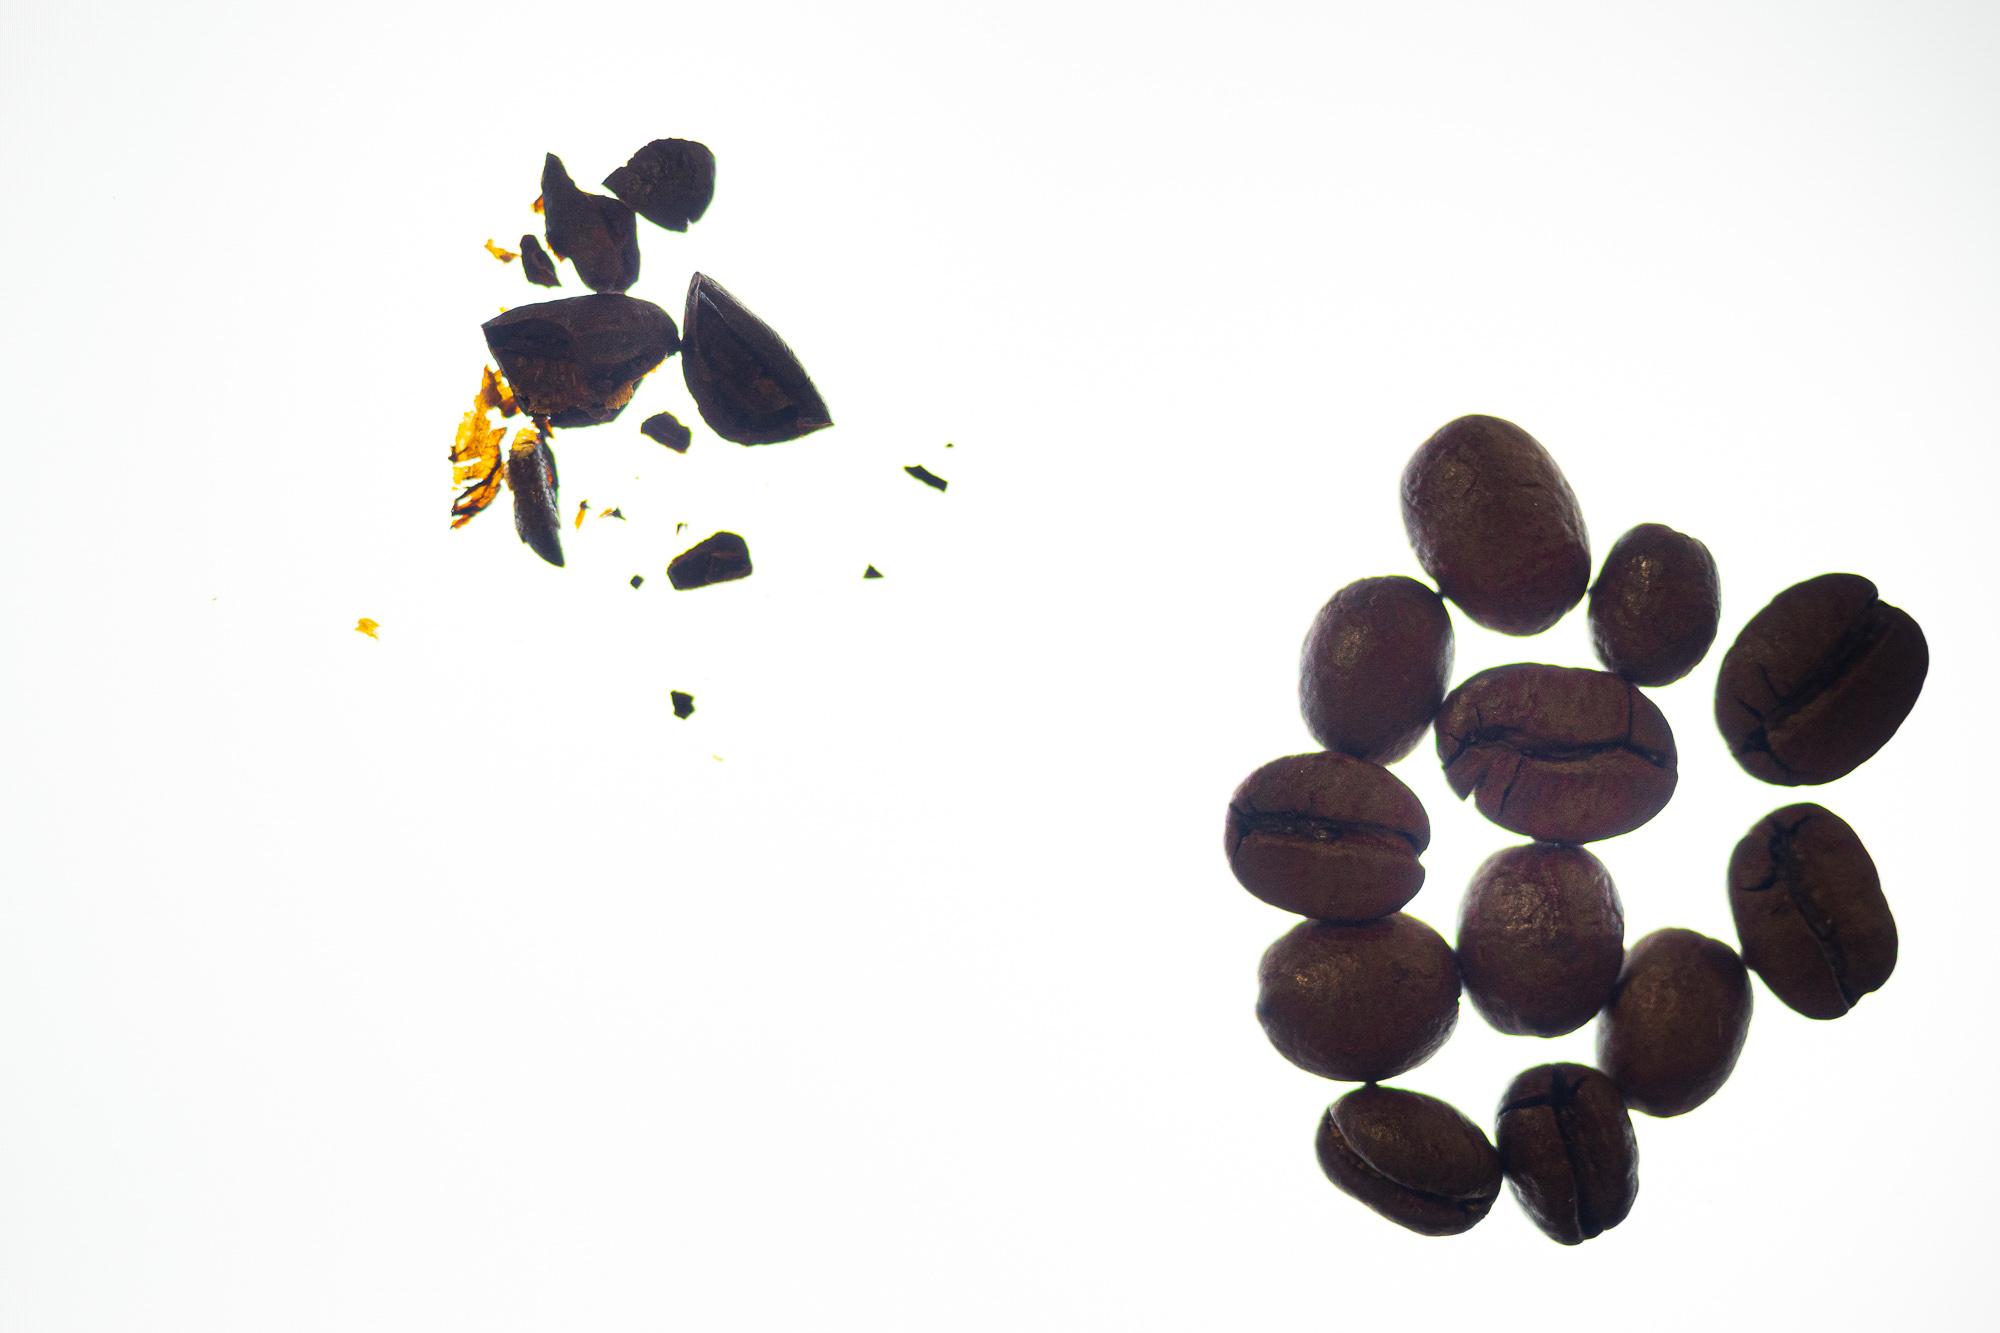 Zerbrochen&Goldener Schnitt